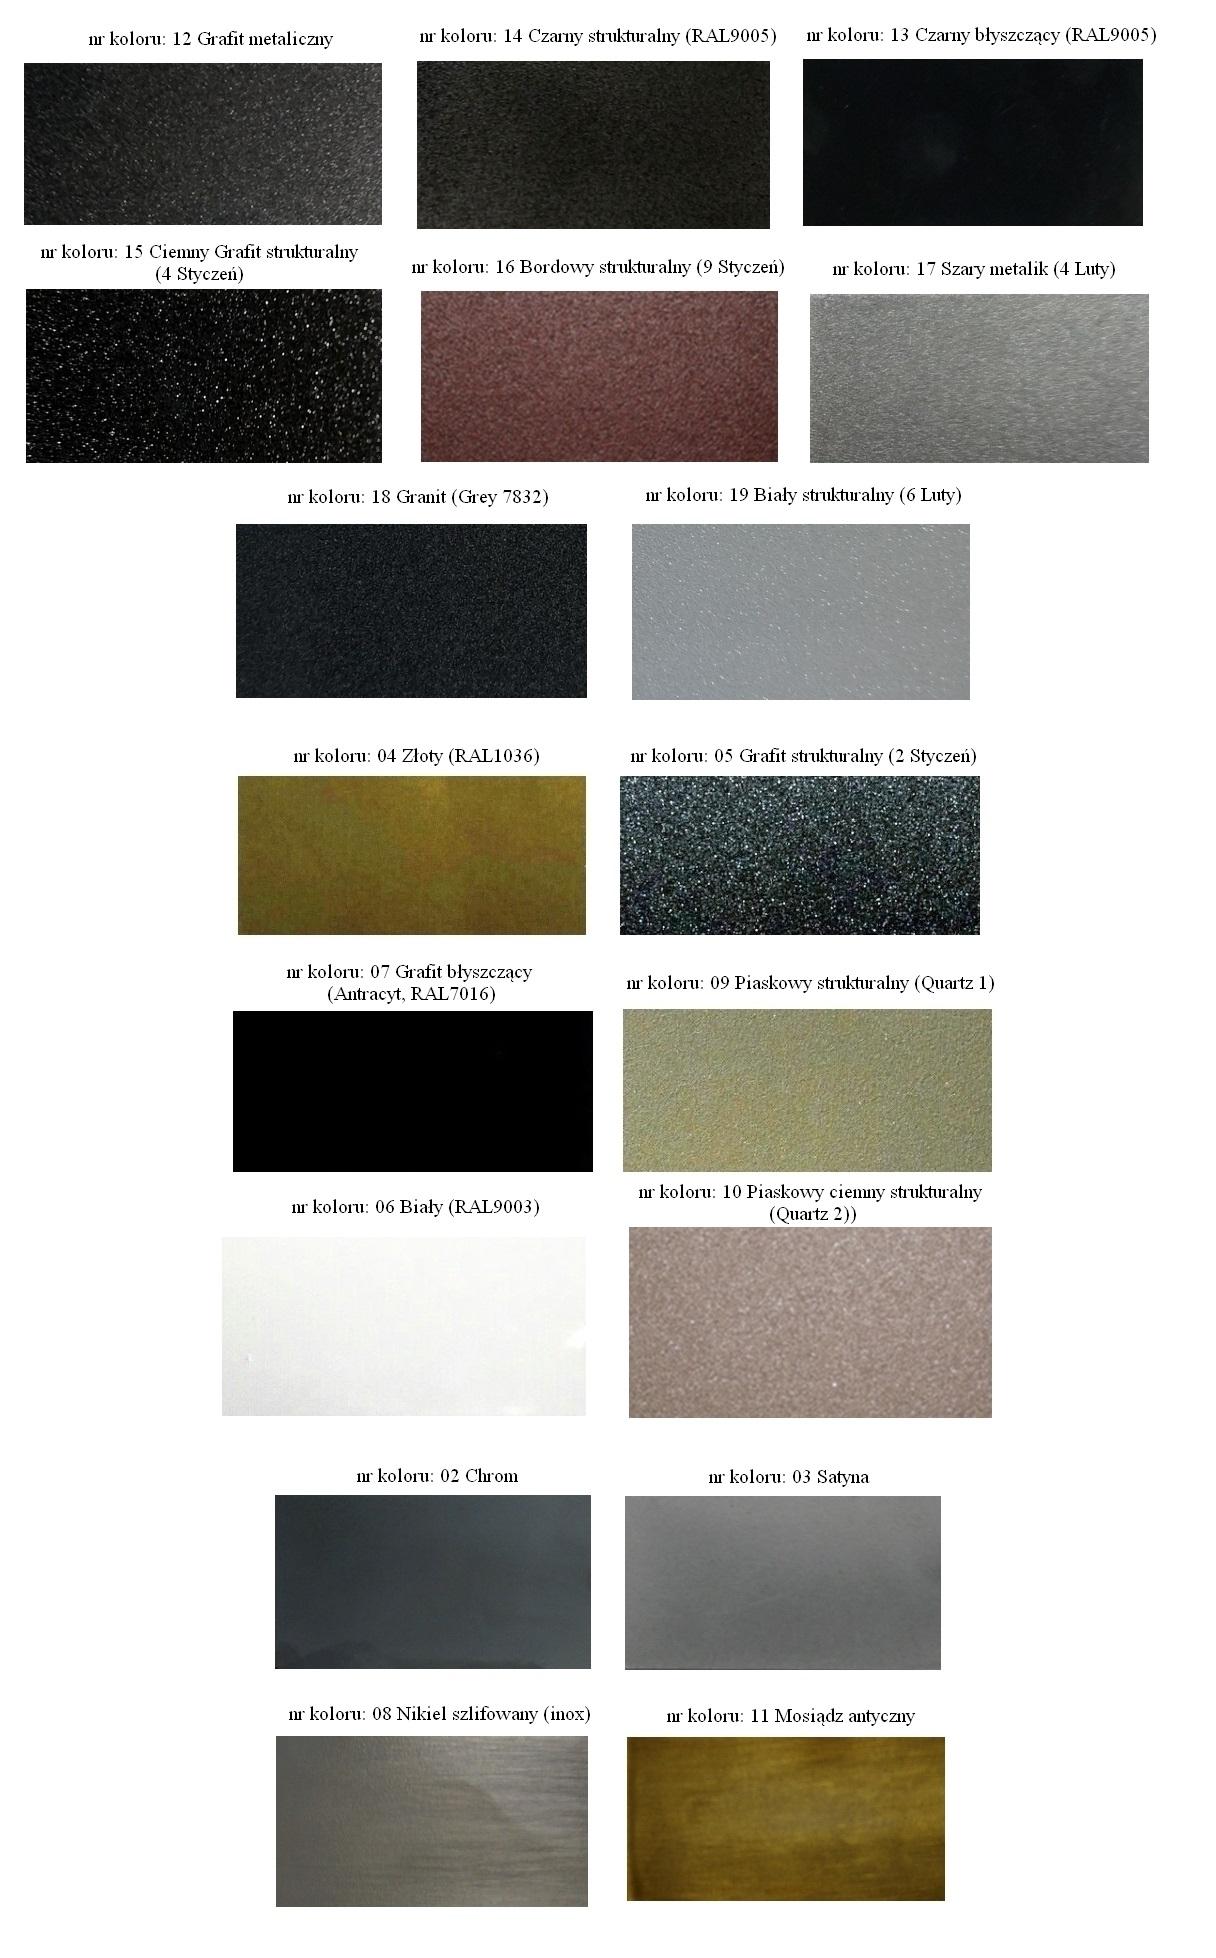 Paleta kolorów Varioterm